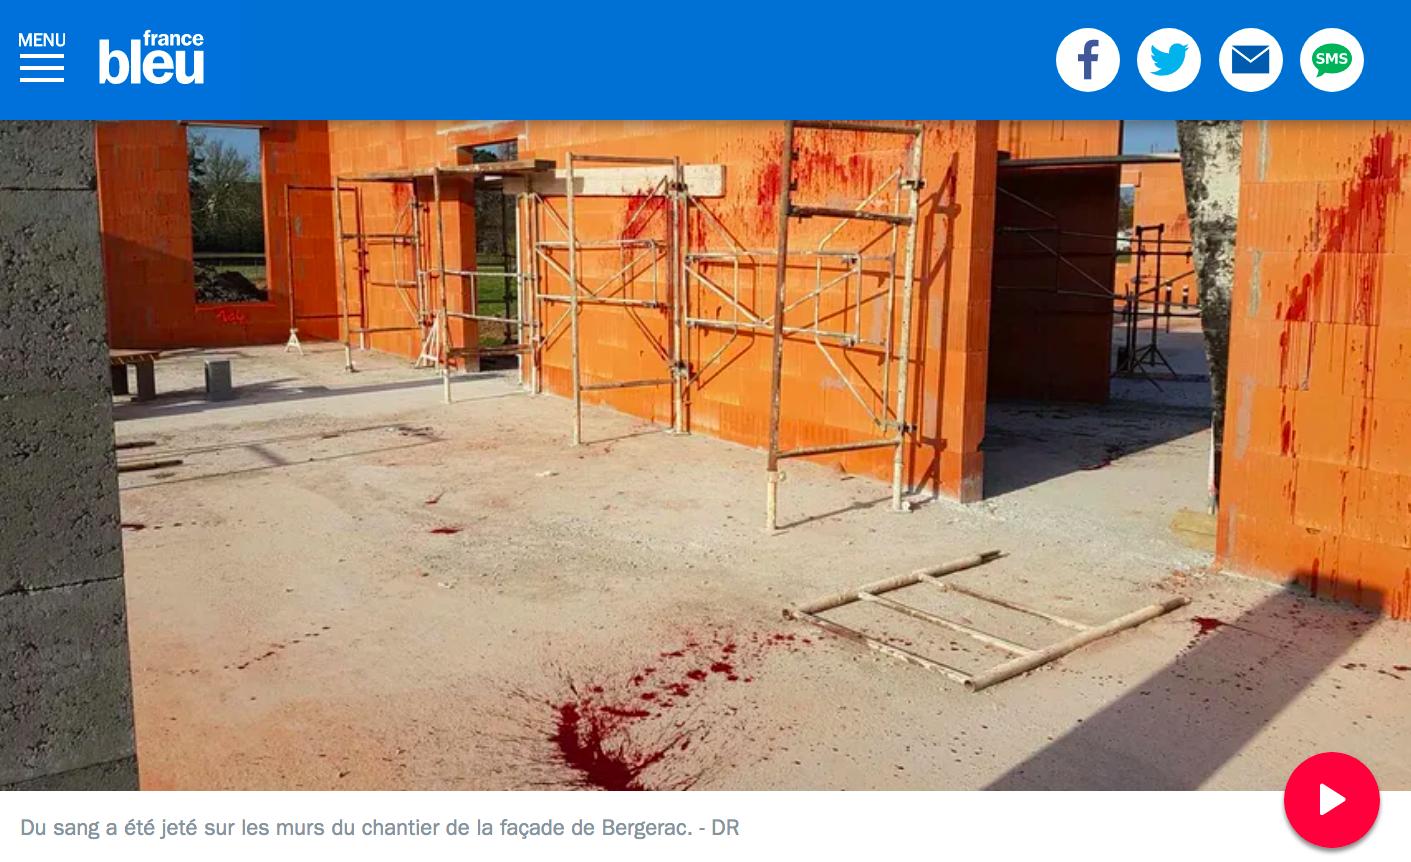 tags islamophobes nazis La Rochelle